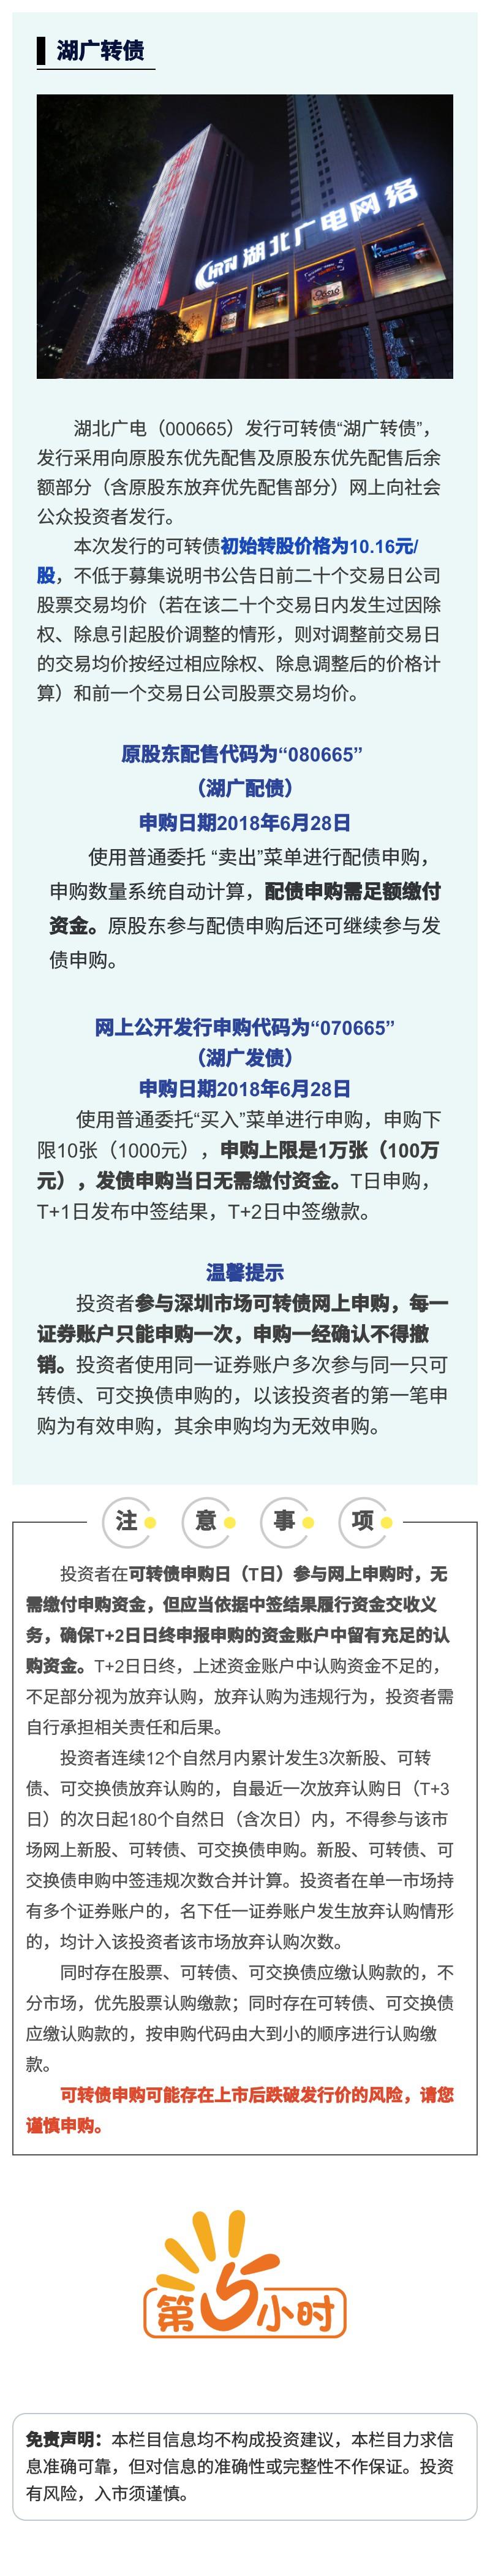 【新债申购】湖北广电(000665)公开发行可转换公司债.jpg